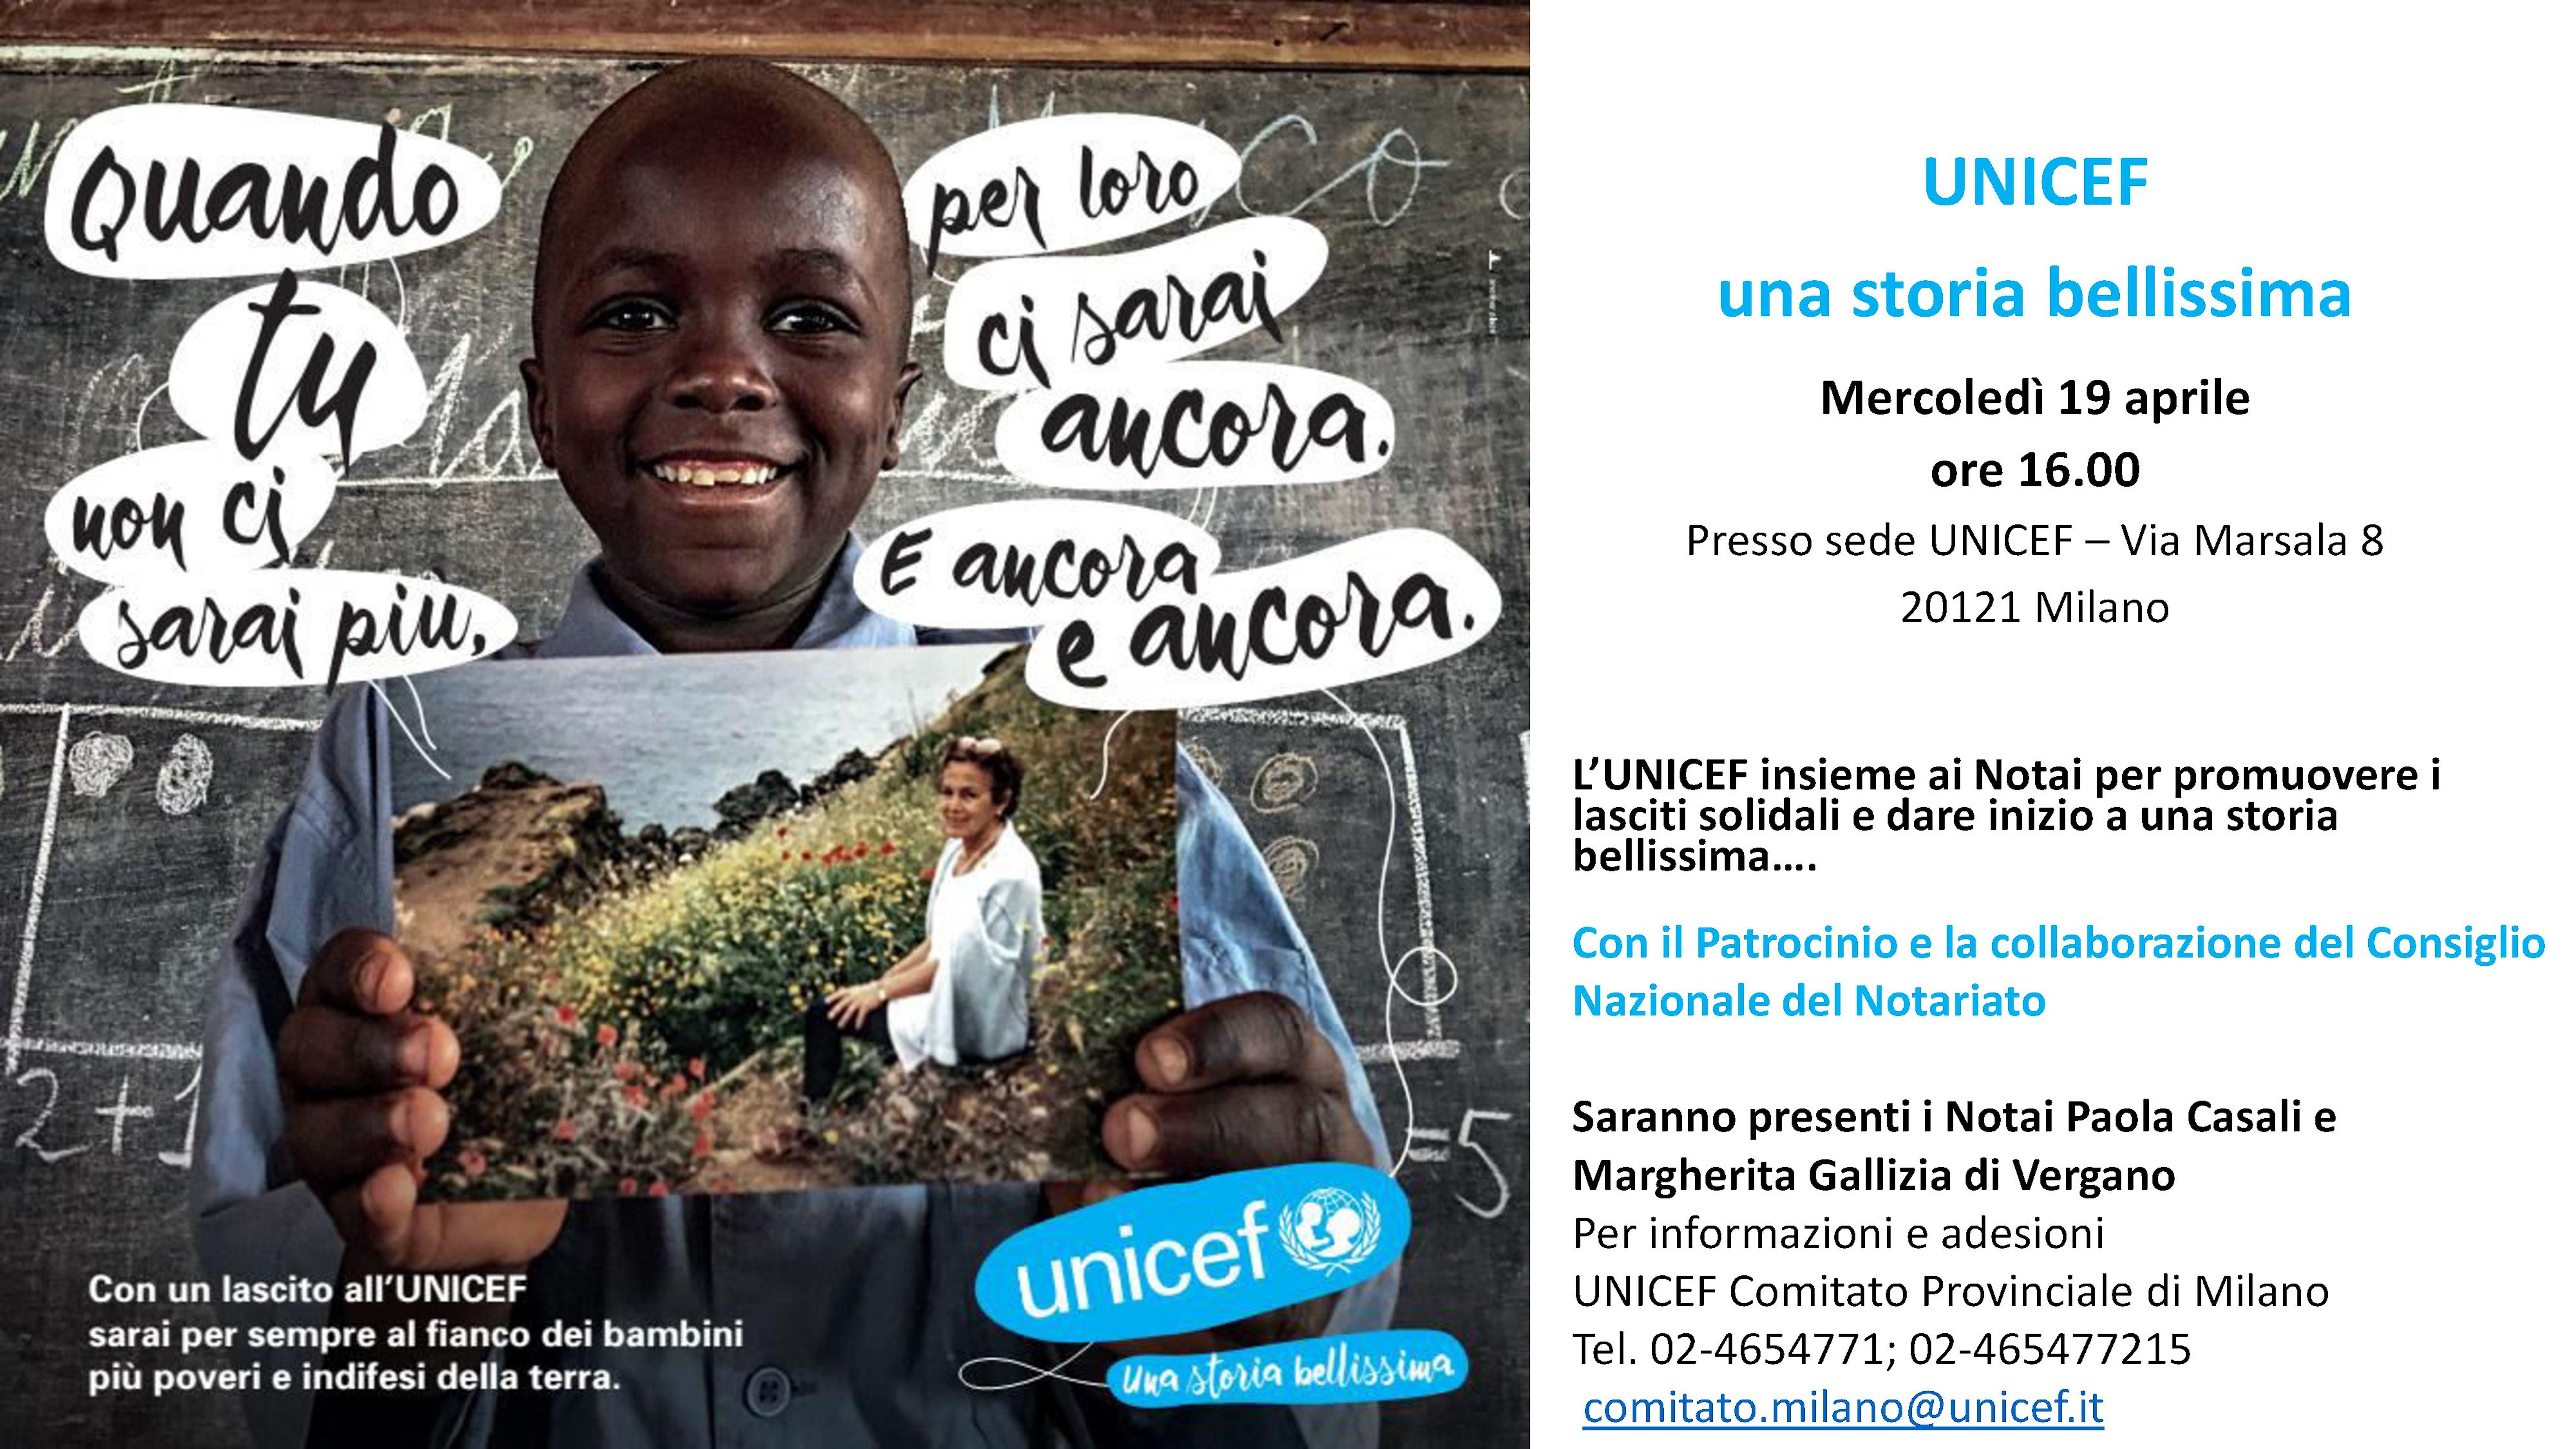 A Milano: l'UNICEF insieme ai Notai per promuovere i lasciti solidali e dare inizio a una storia bellissima